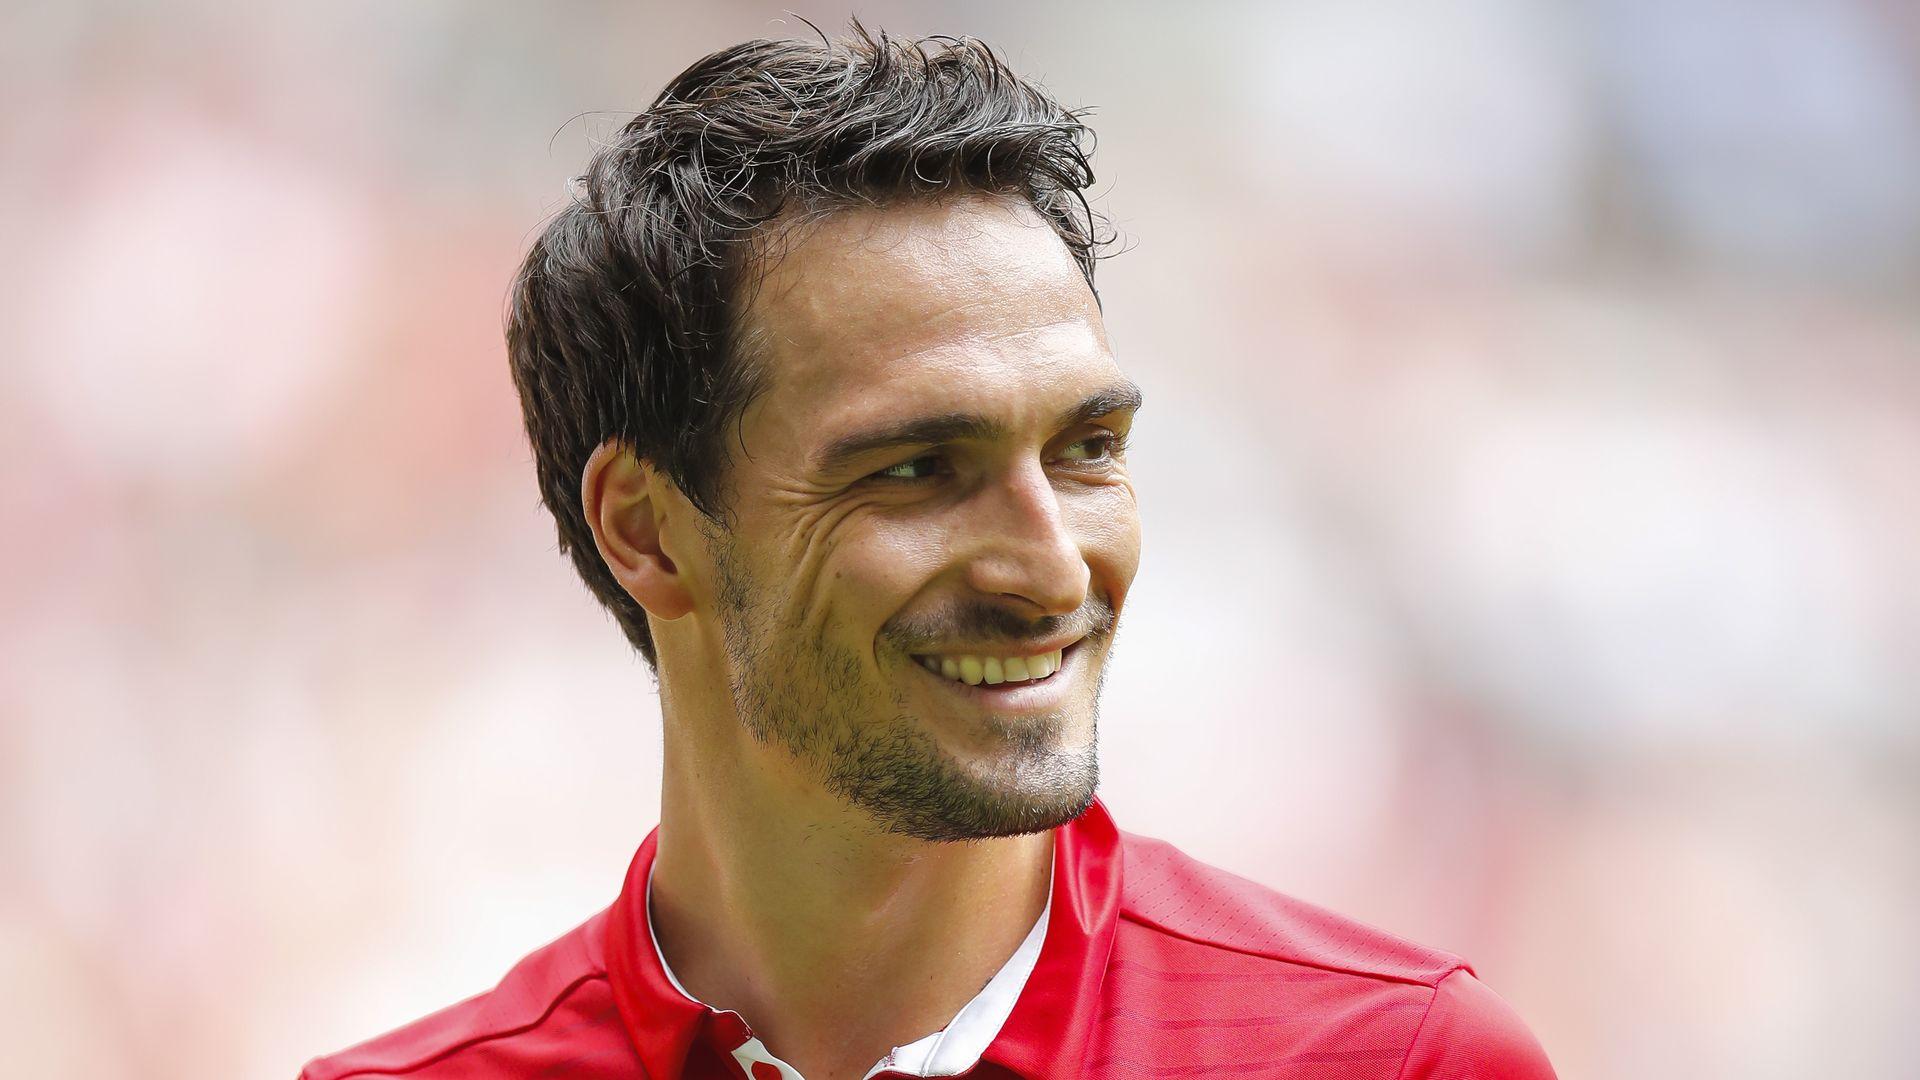 мужа, фото самых красивых футболистов в мире время